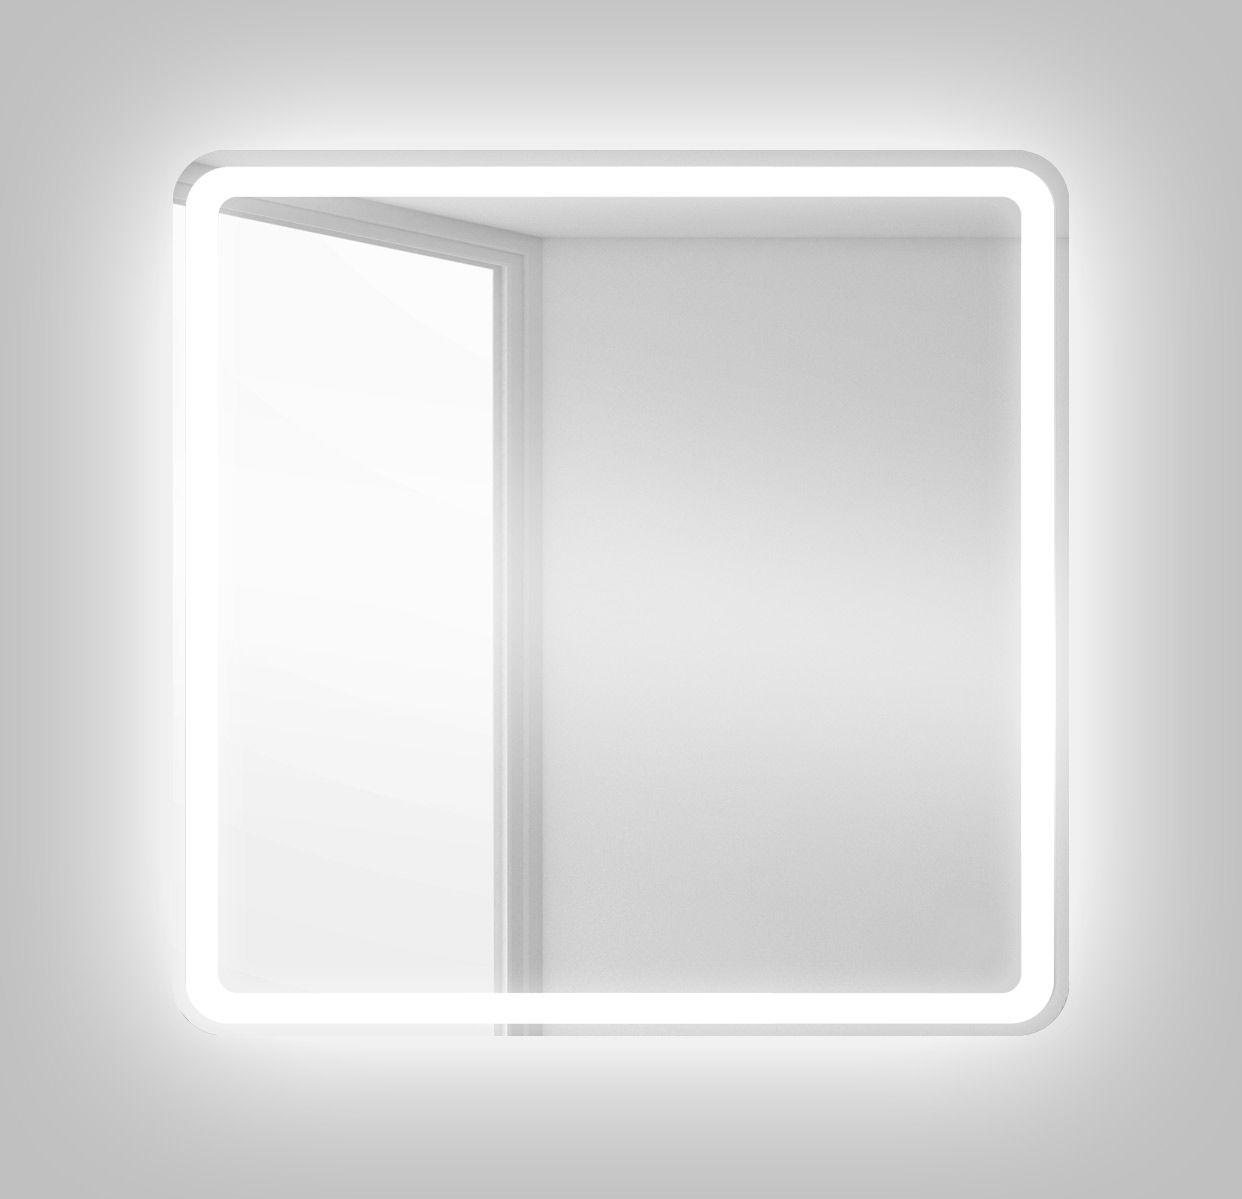 Зеркало для ванной комнаты BelBagno SPC-MAR-600-600-LED-BTN ФОТО